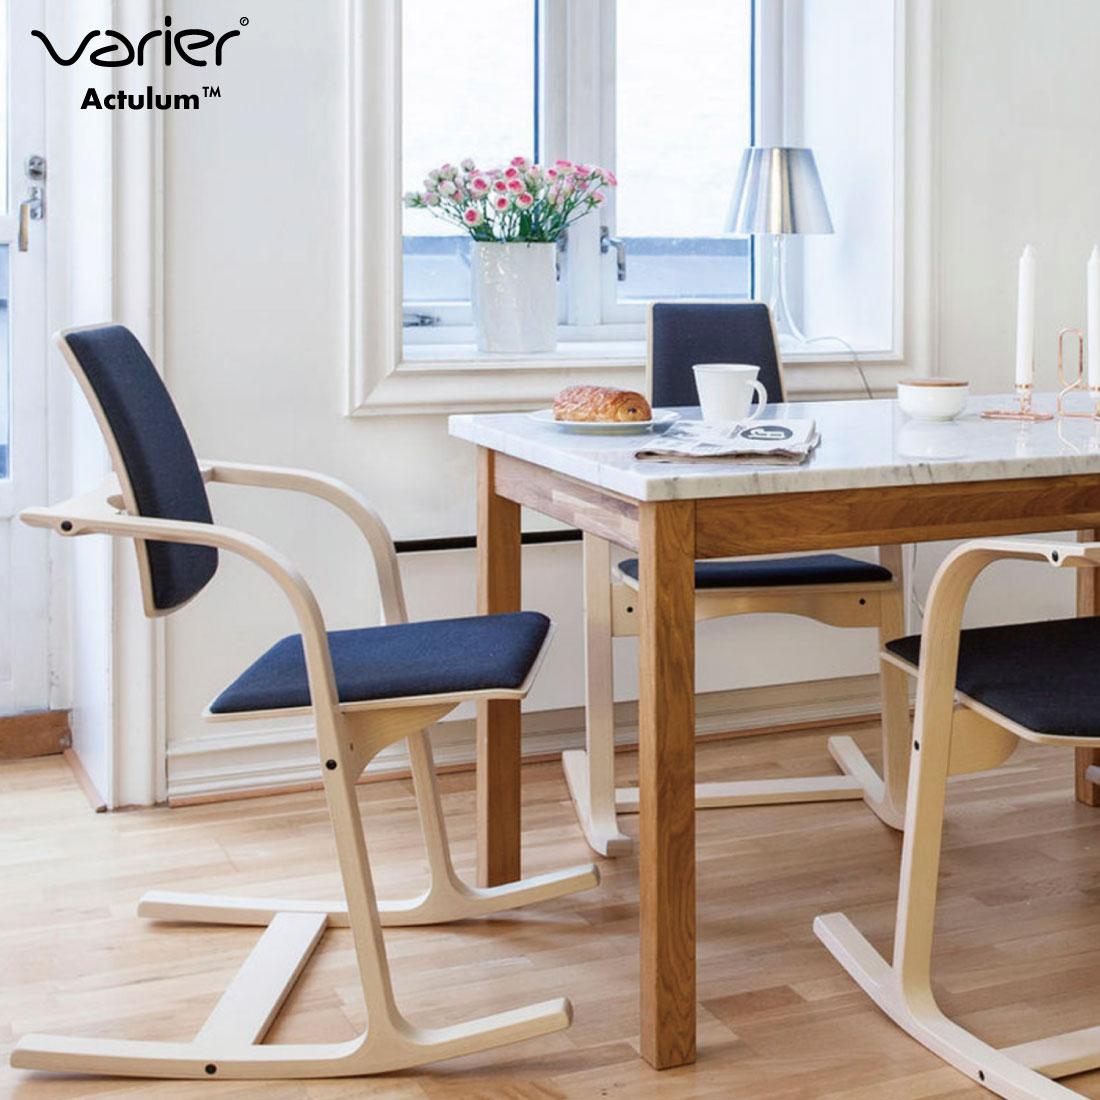 デザイナーズペンホルダープレゼント中【Varier/ヴァリエール】Actulum アクチュラム/イス/椅子/chair//V03/